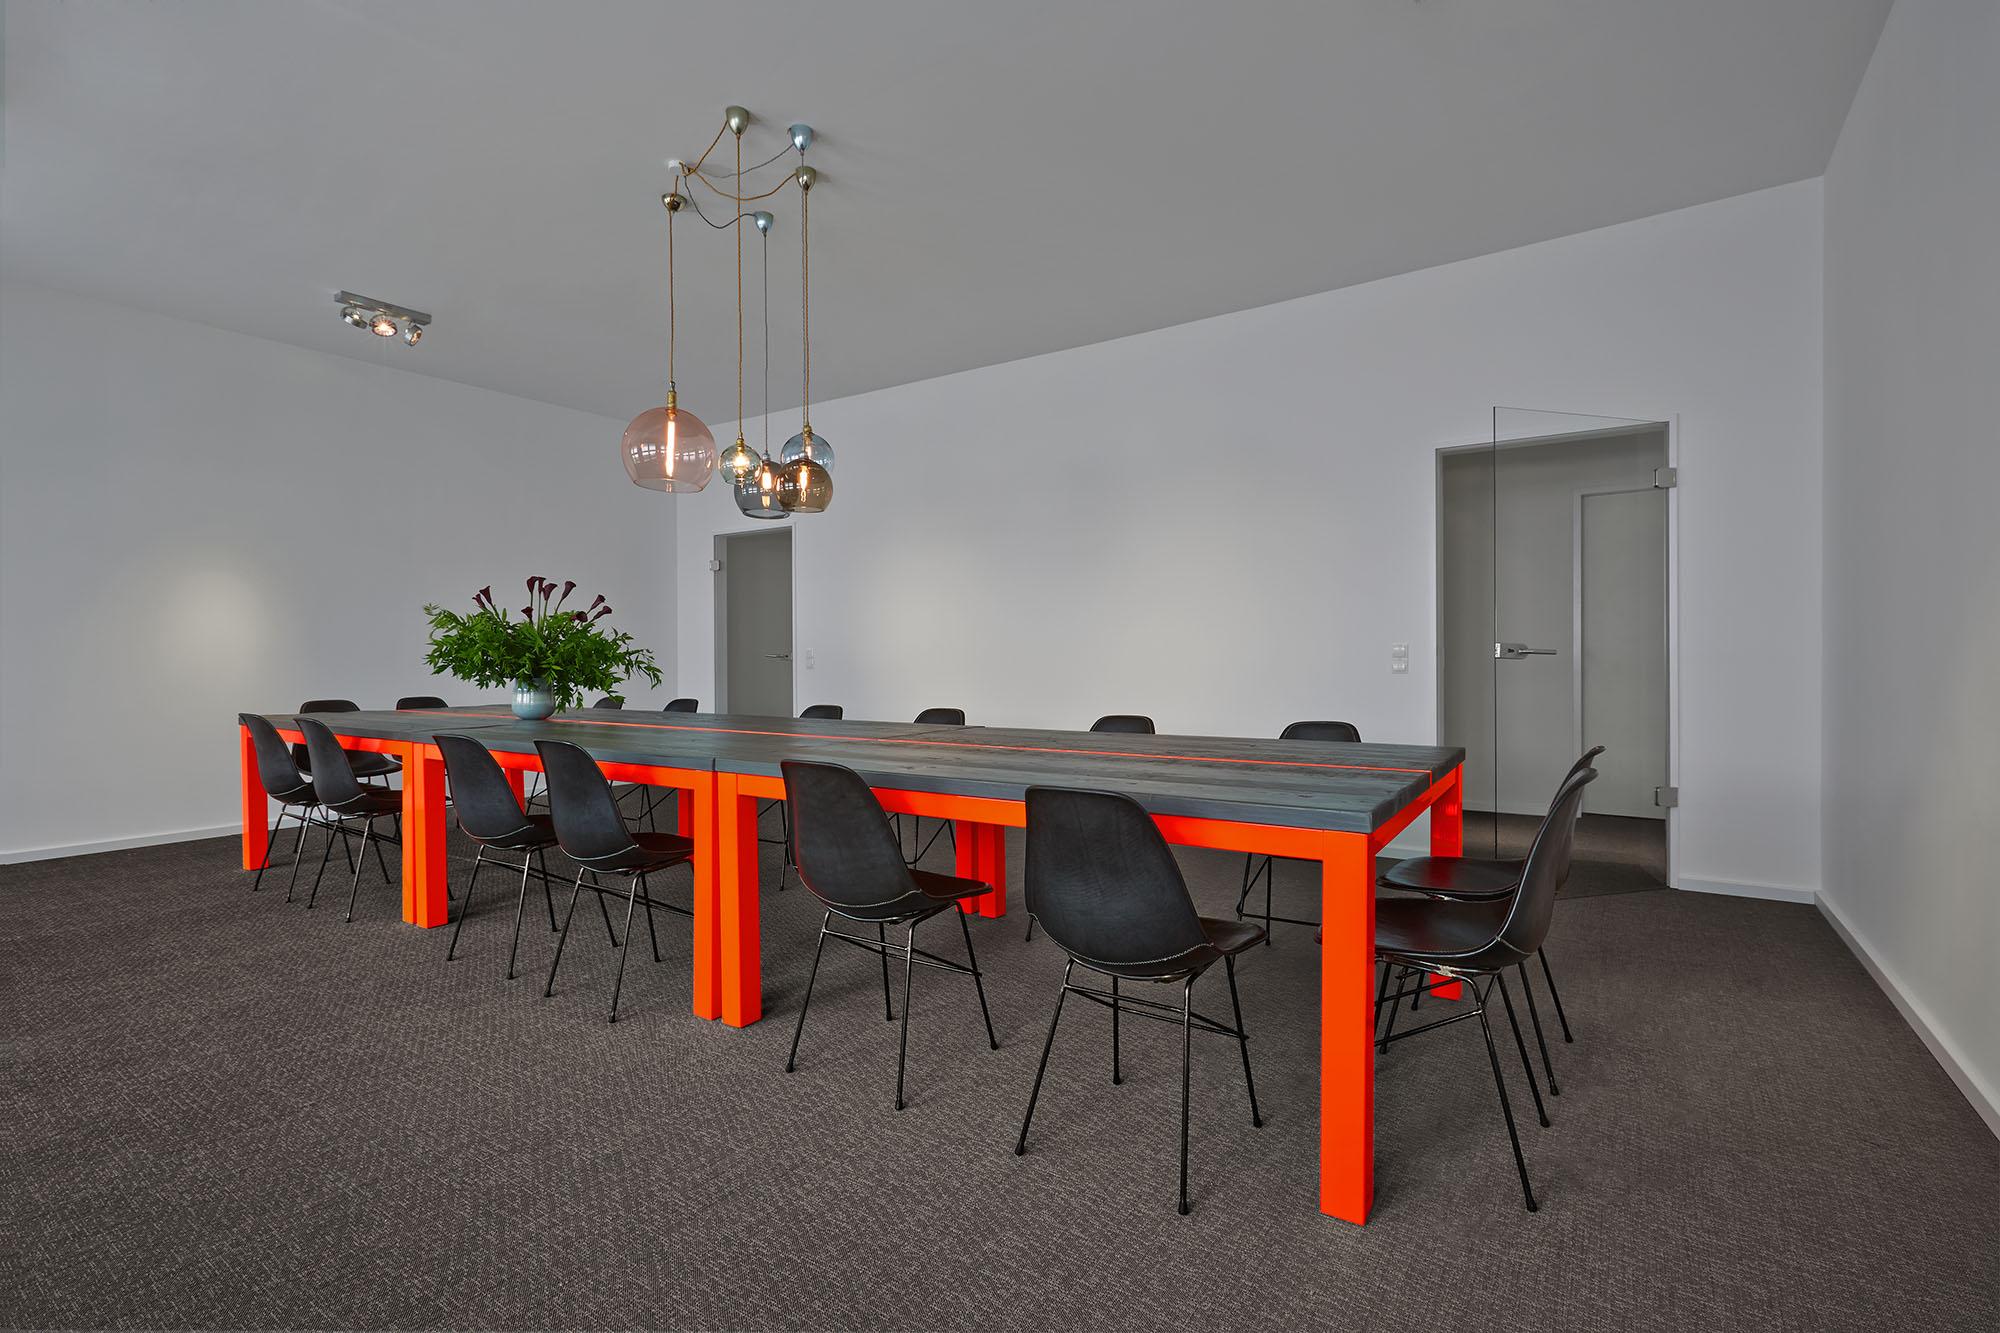 Seminarraum / Tagungsraum in Berlin - Seminarraum in Berlin-Mitte